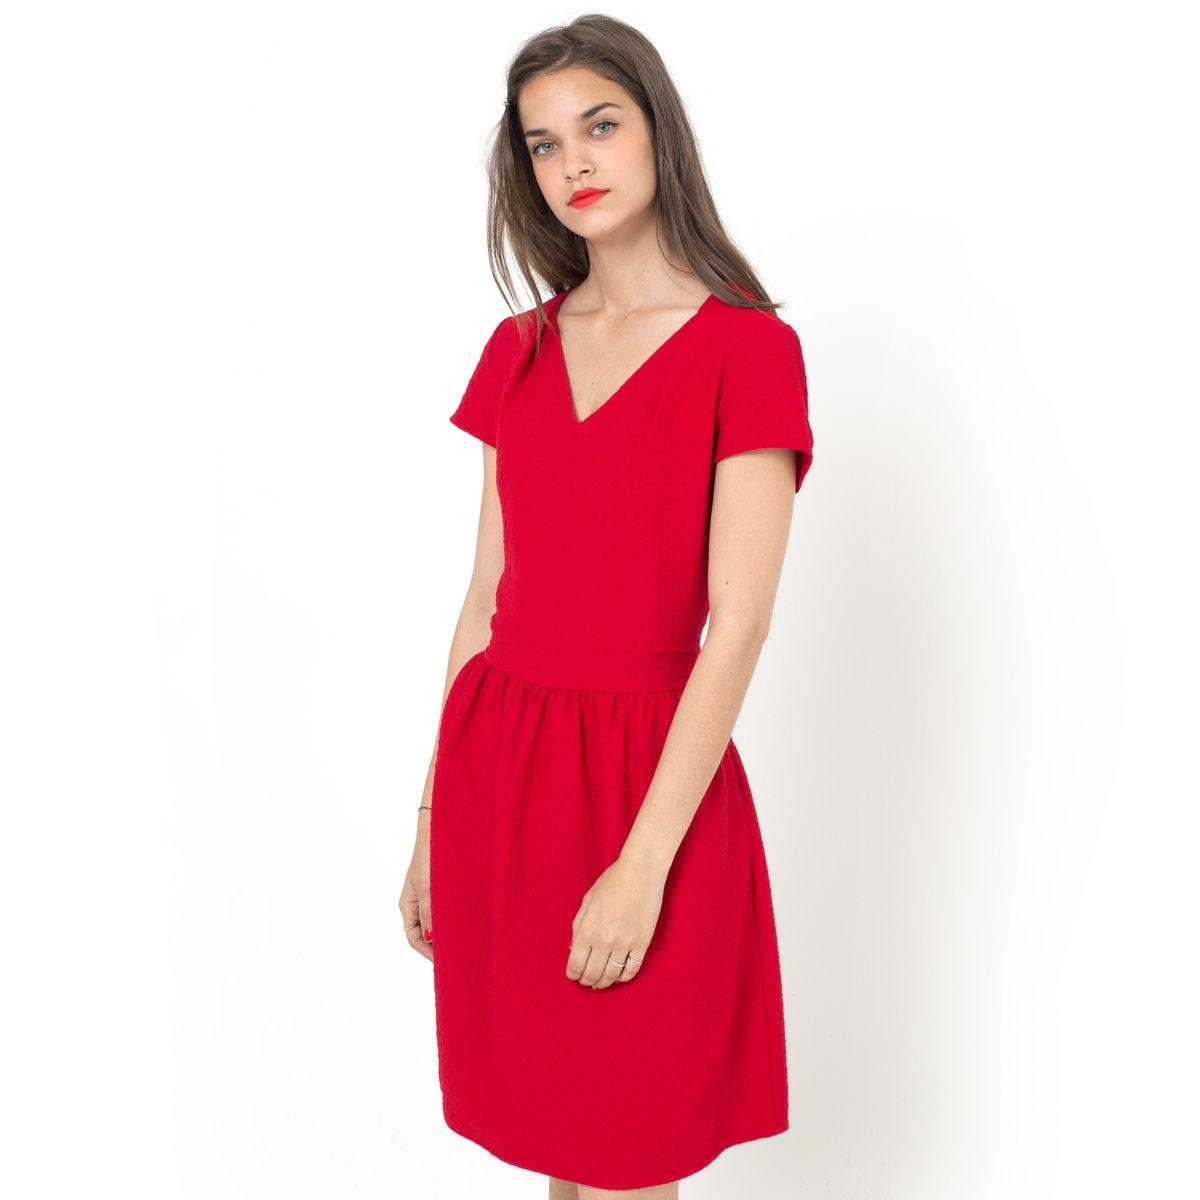 Платье с короткими рукавамиПлатье с короткими рукавами из трикотажа с узором: 55% полиэстера, 41% вискозы, 4% эластана. Расклешенное к низу. Складки на вырезе. 2 кармана. Длина 90 см. Без подкладки во всех цветах.<br><br>Цвет: красный,оранжевый<br>Размер: 34 (FR) - 40 (RUS).42 (FR) - 48 (RUS).44 (FR) - 50 (RUS)